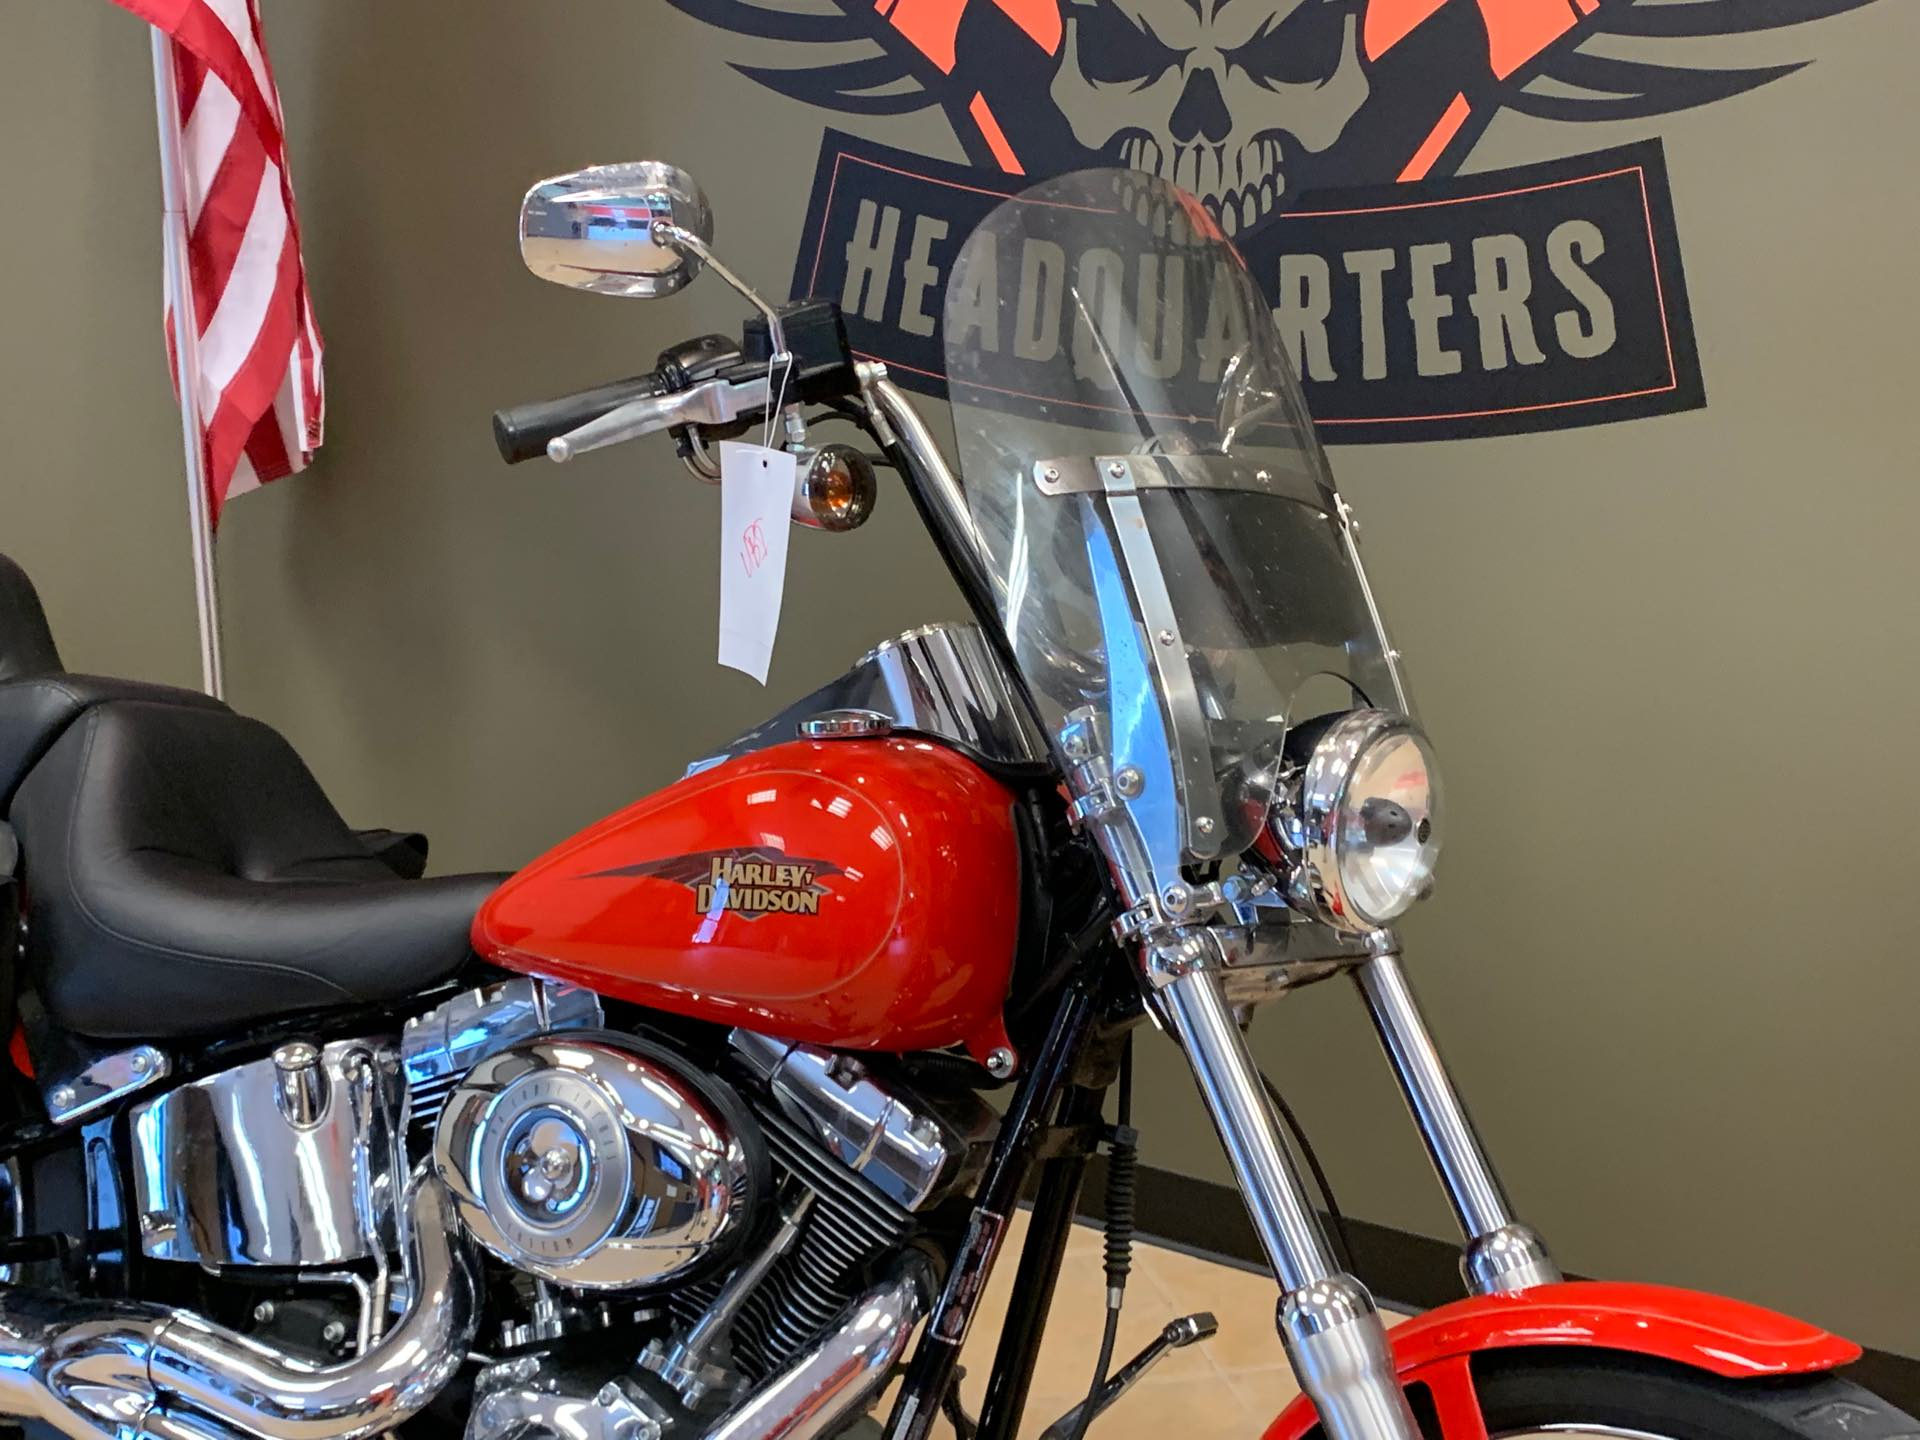 2010 Harley-Davidson Softail Custom at Loess Hills Harley-Davidson